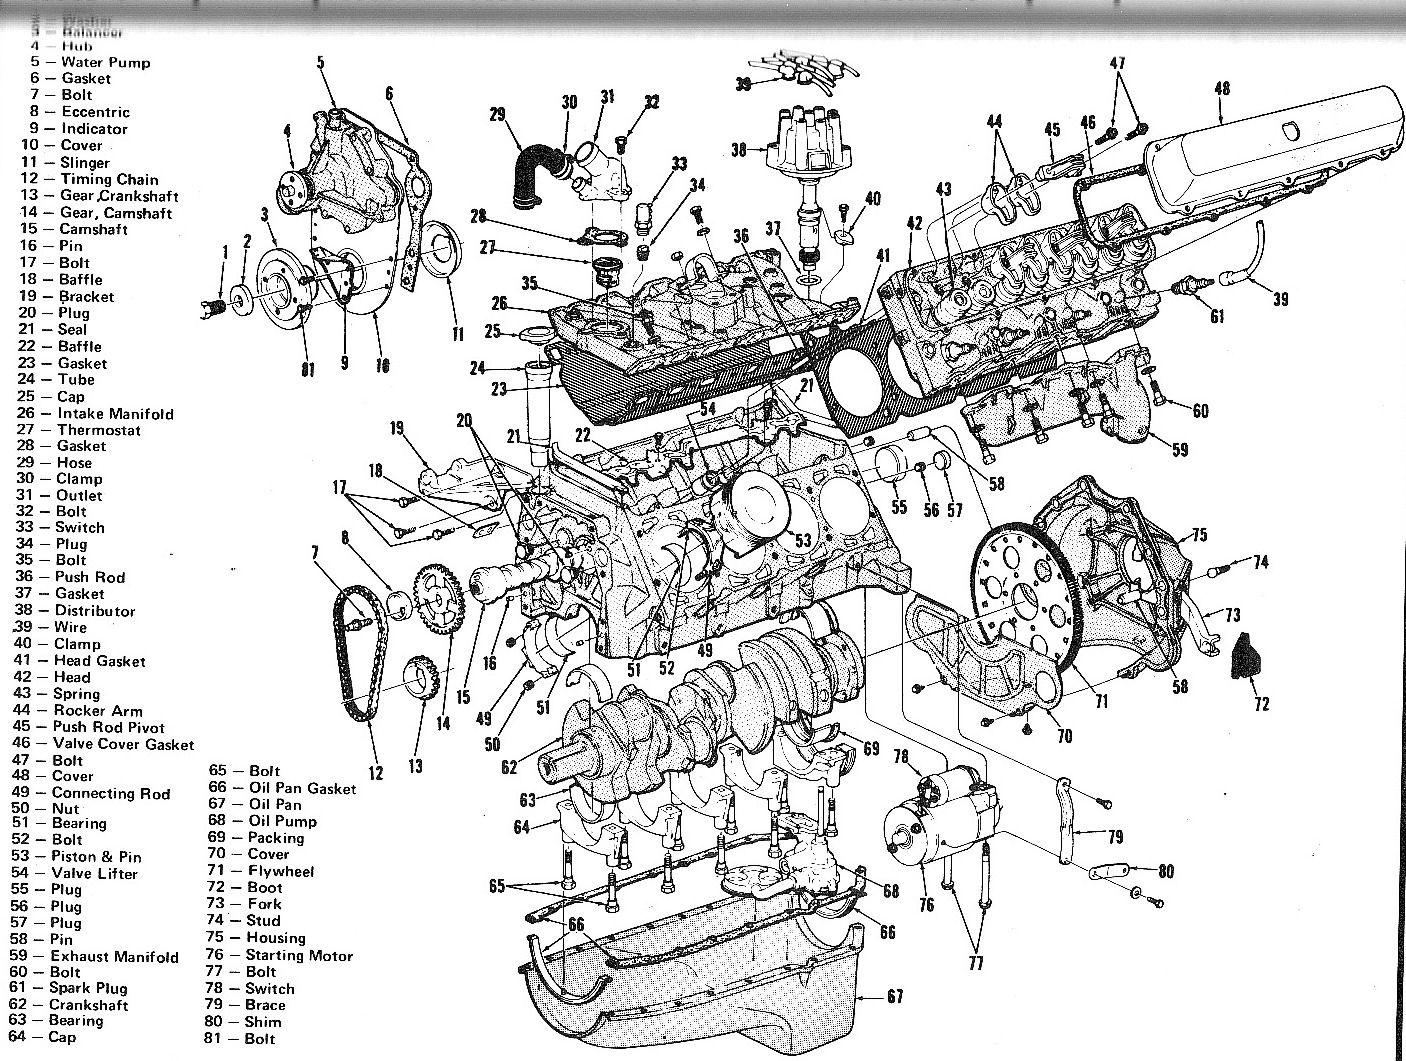 Complete V8 Engine Diagram | Engines, Transmissions 3D